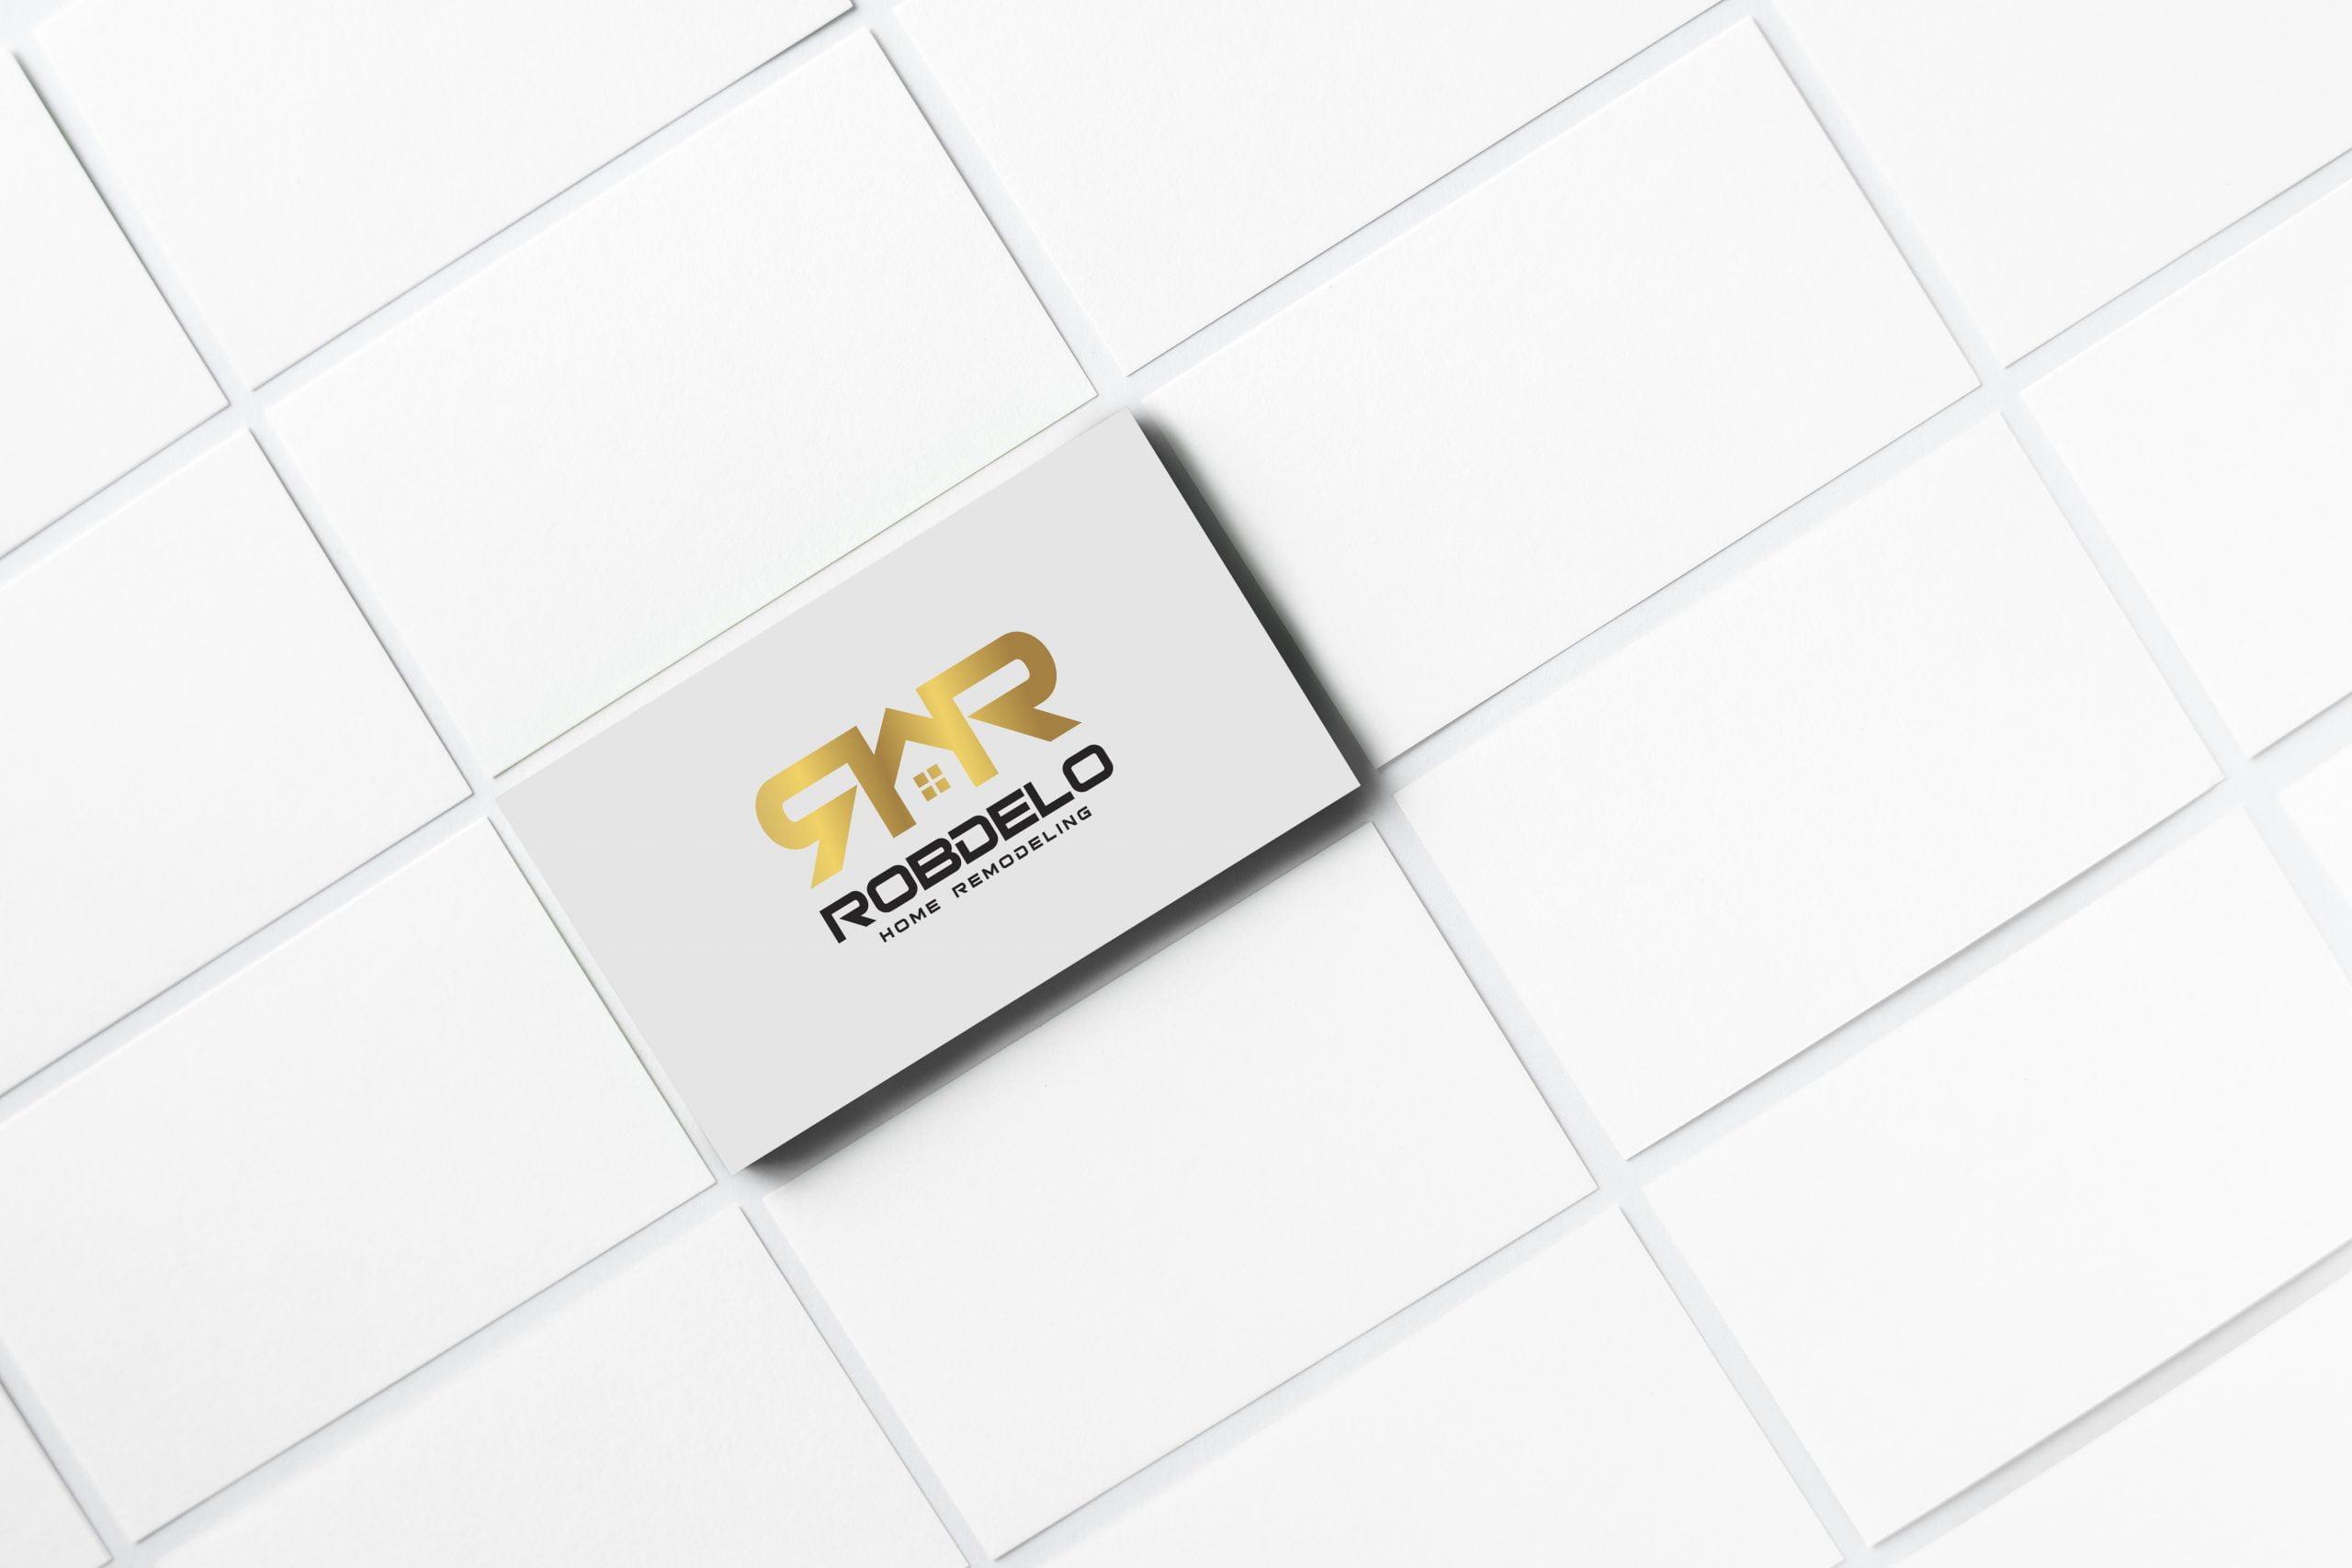 real estate logo on business card presentation